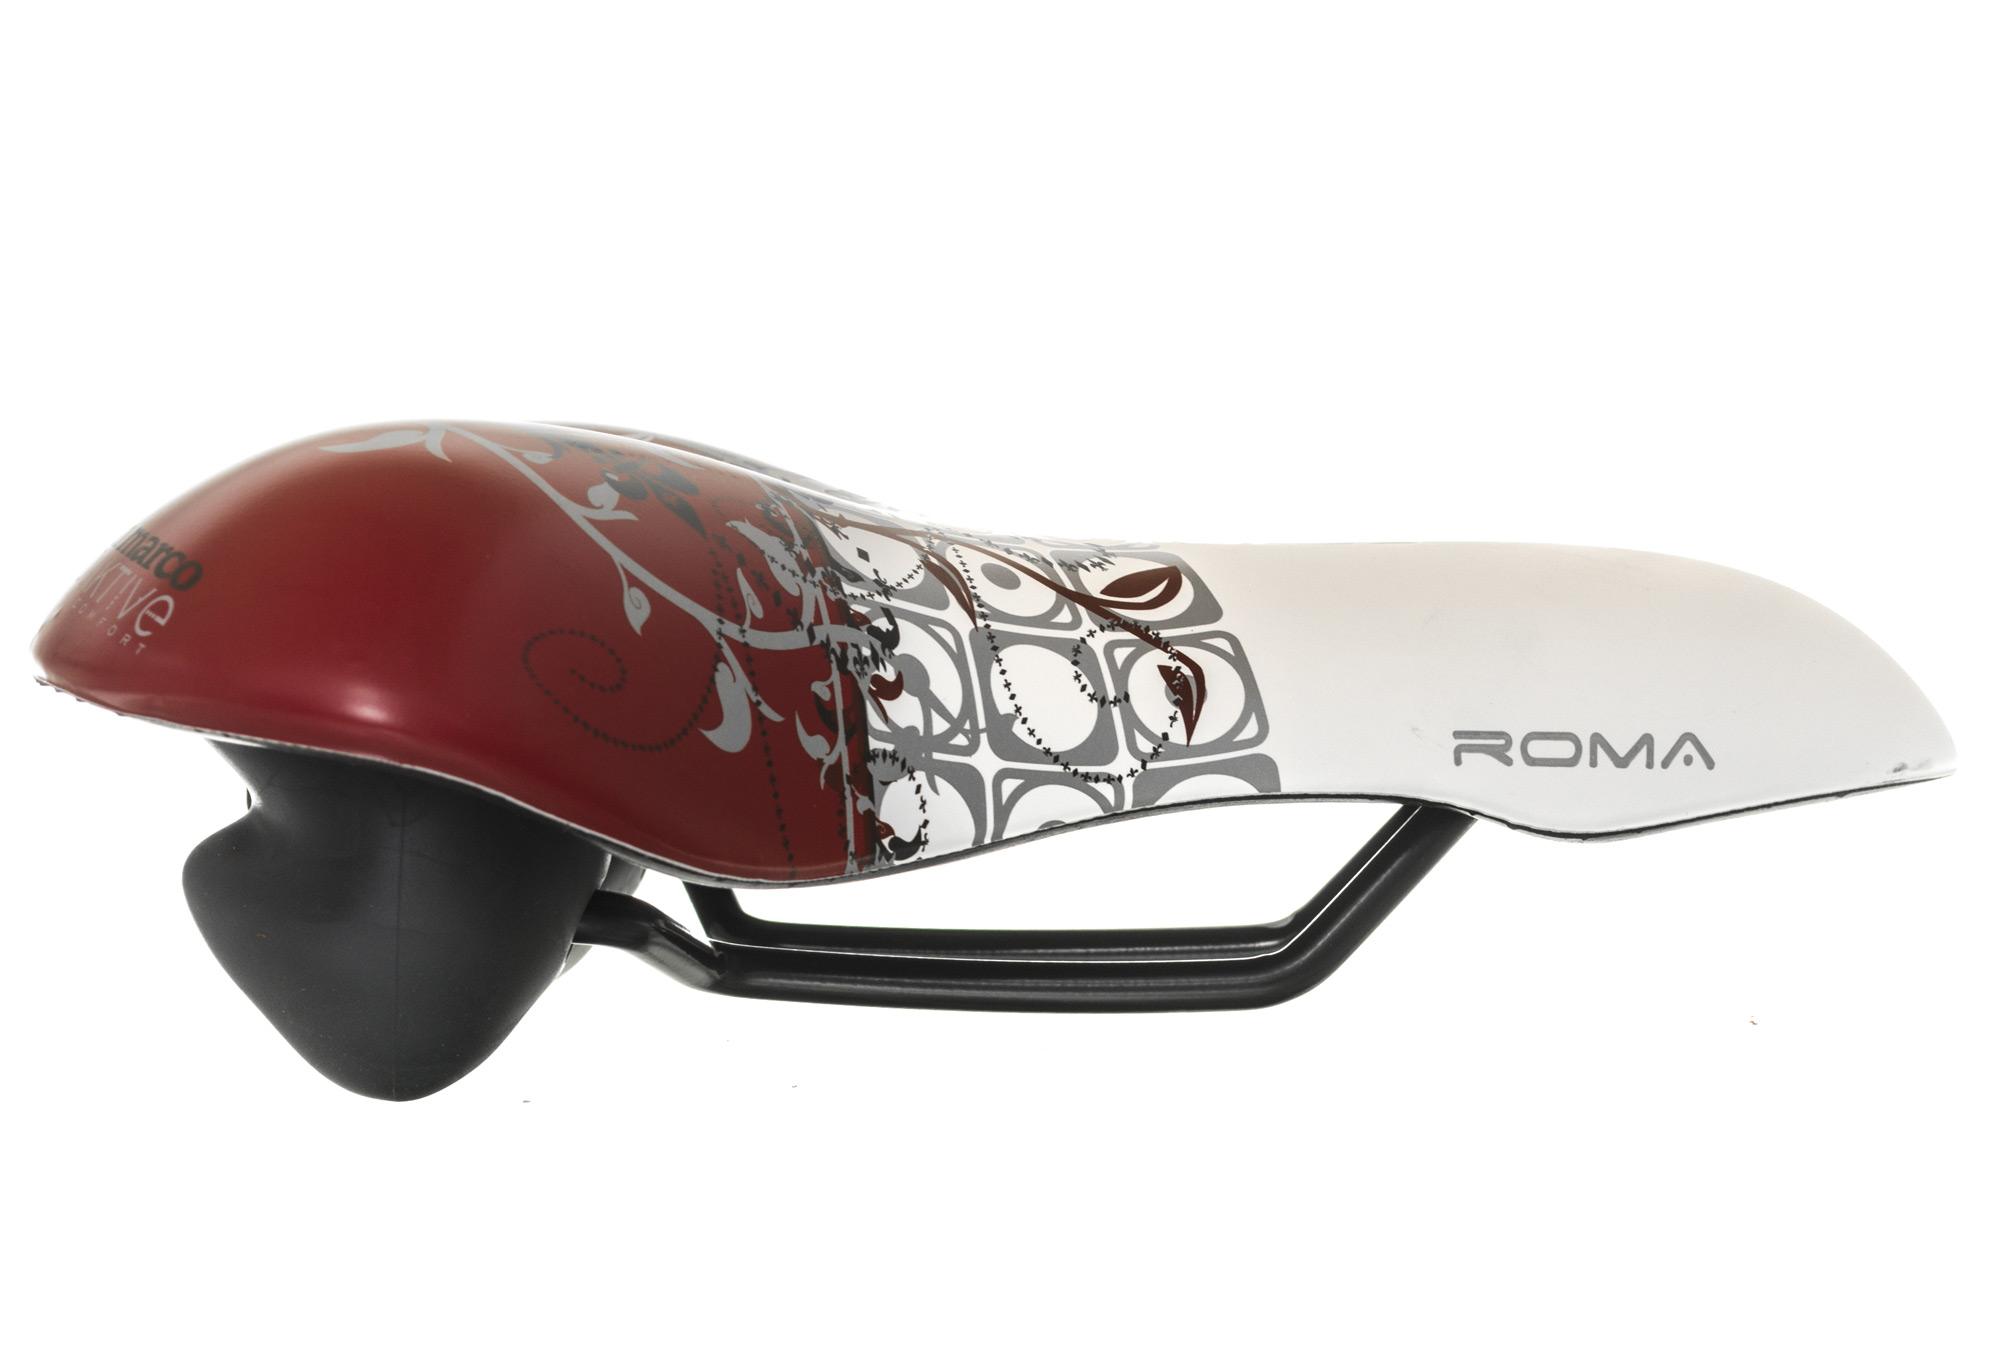 Selle bioaktive rome glamour blanc rouge - Femme de chambre code rome ...